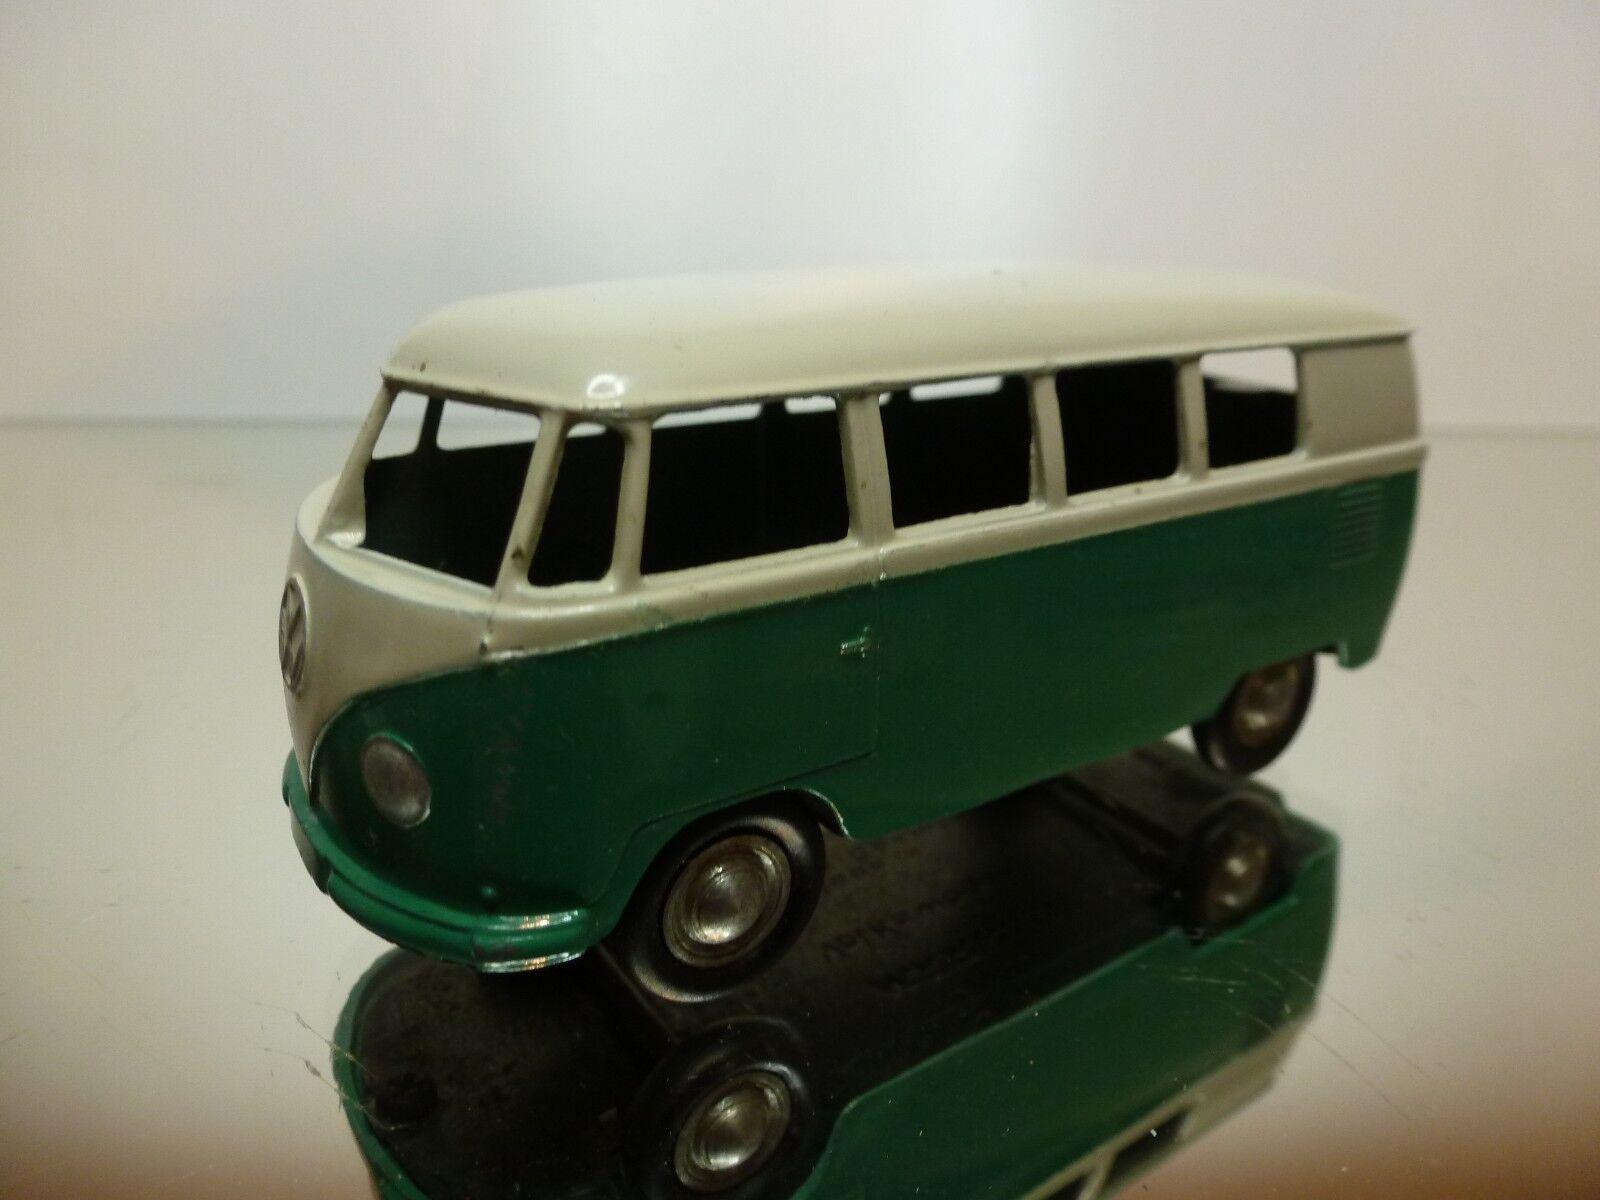 MARKLIN VW VOLKSWAGEN T1 BUS - vert 1 43 -  GOOD CONDITION  magasin fait l'achat et la vente